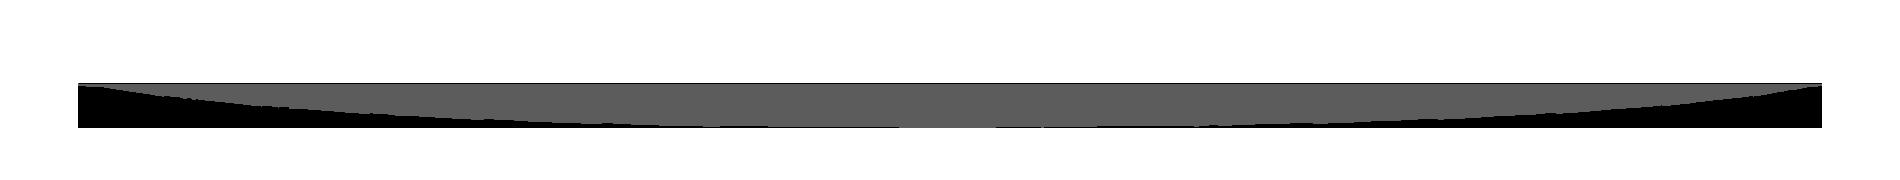 Séparateur de texte design